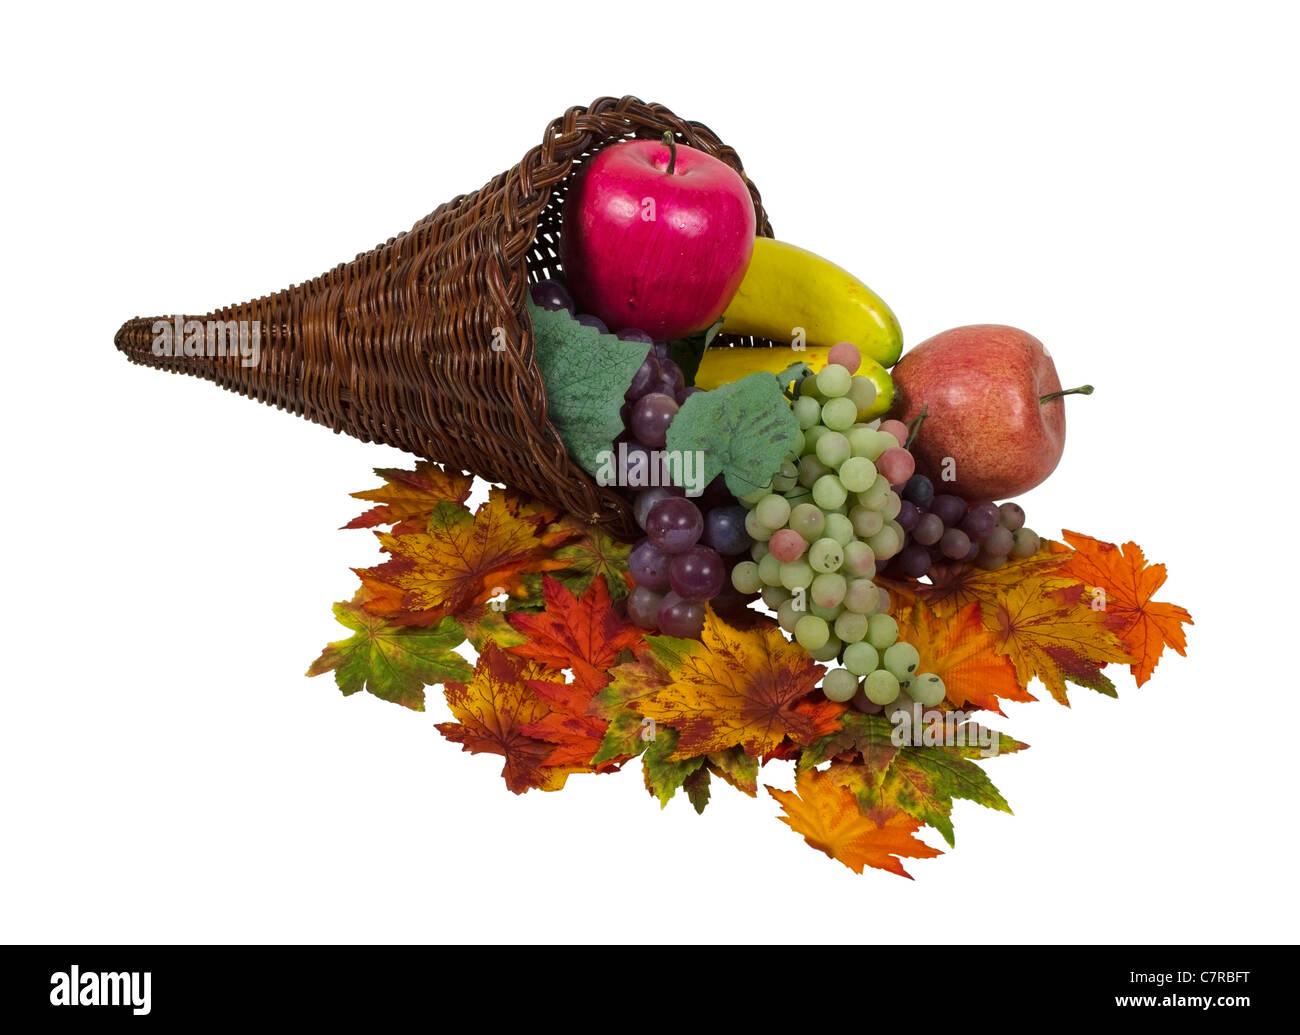 Wicker Horn Füllhorn, die symbolisch für reichlich Fülle mit bunten Früchten und Blättern Stockbild